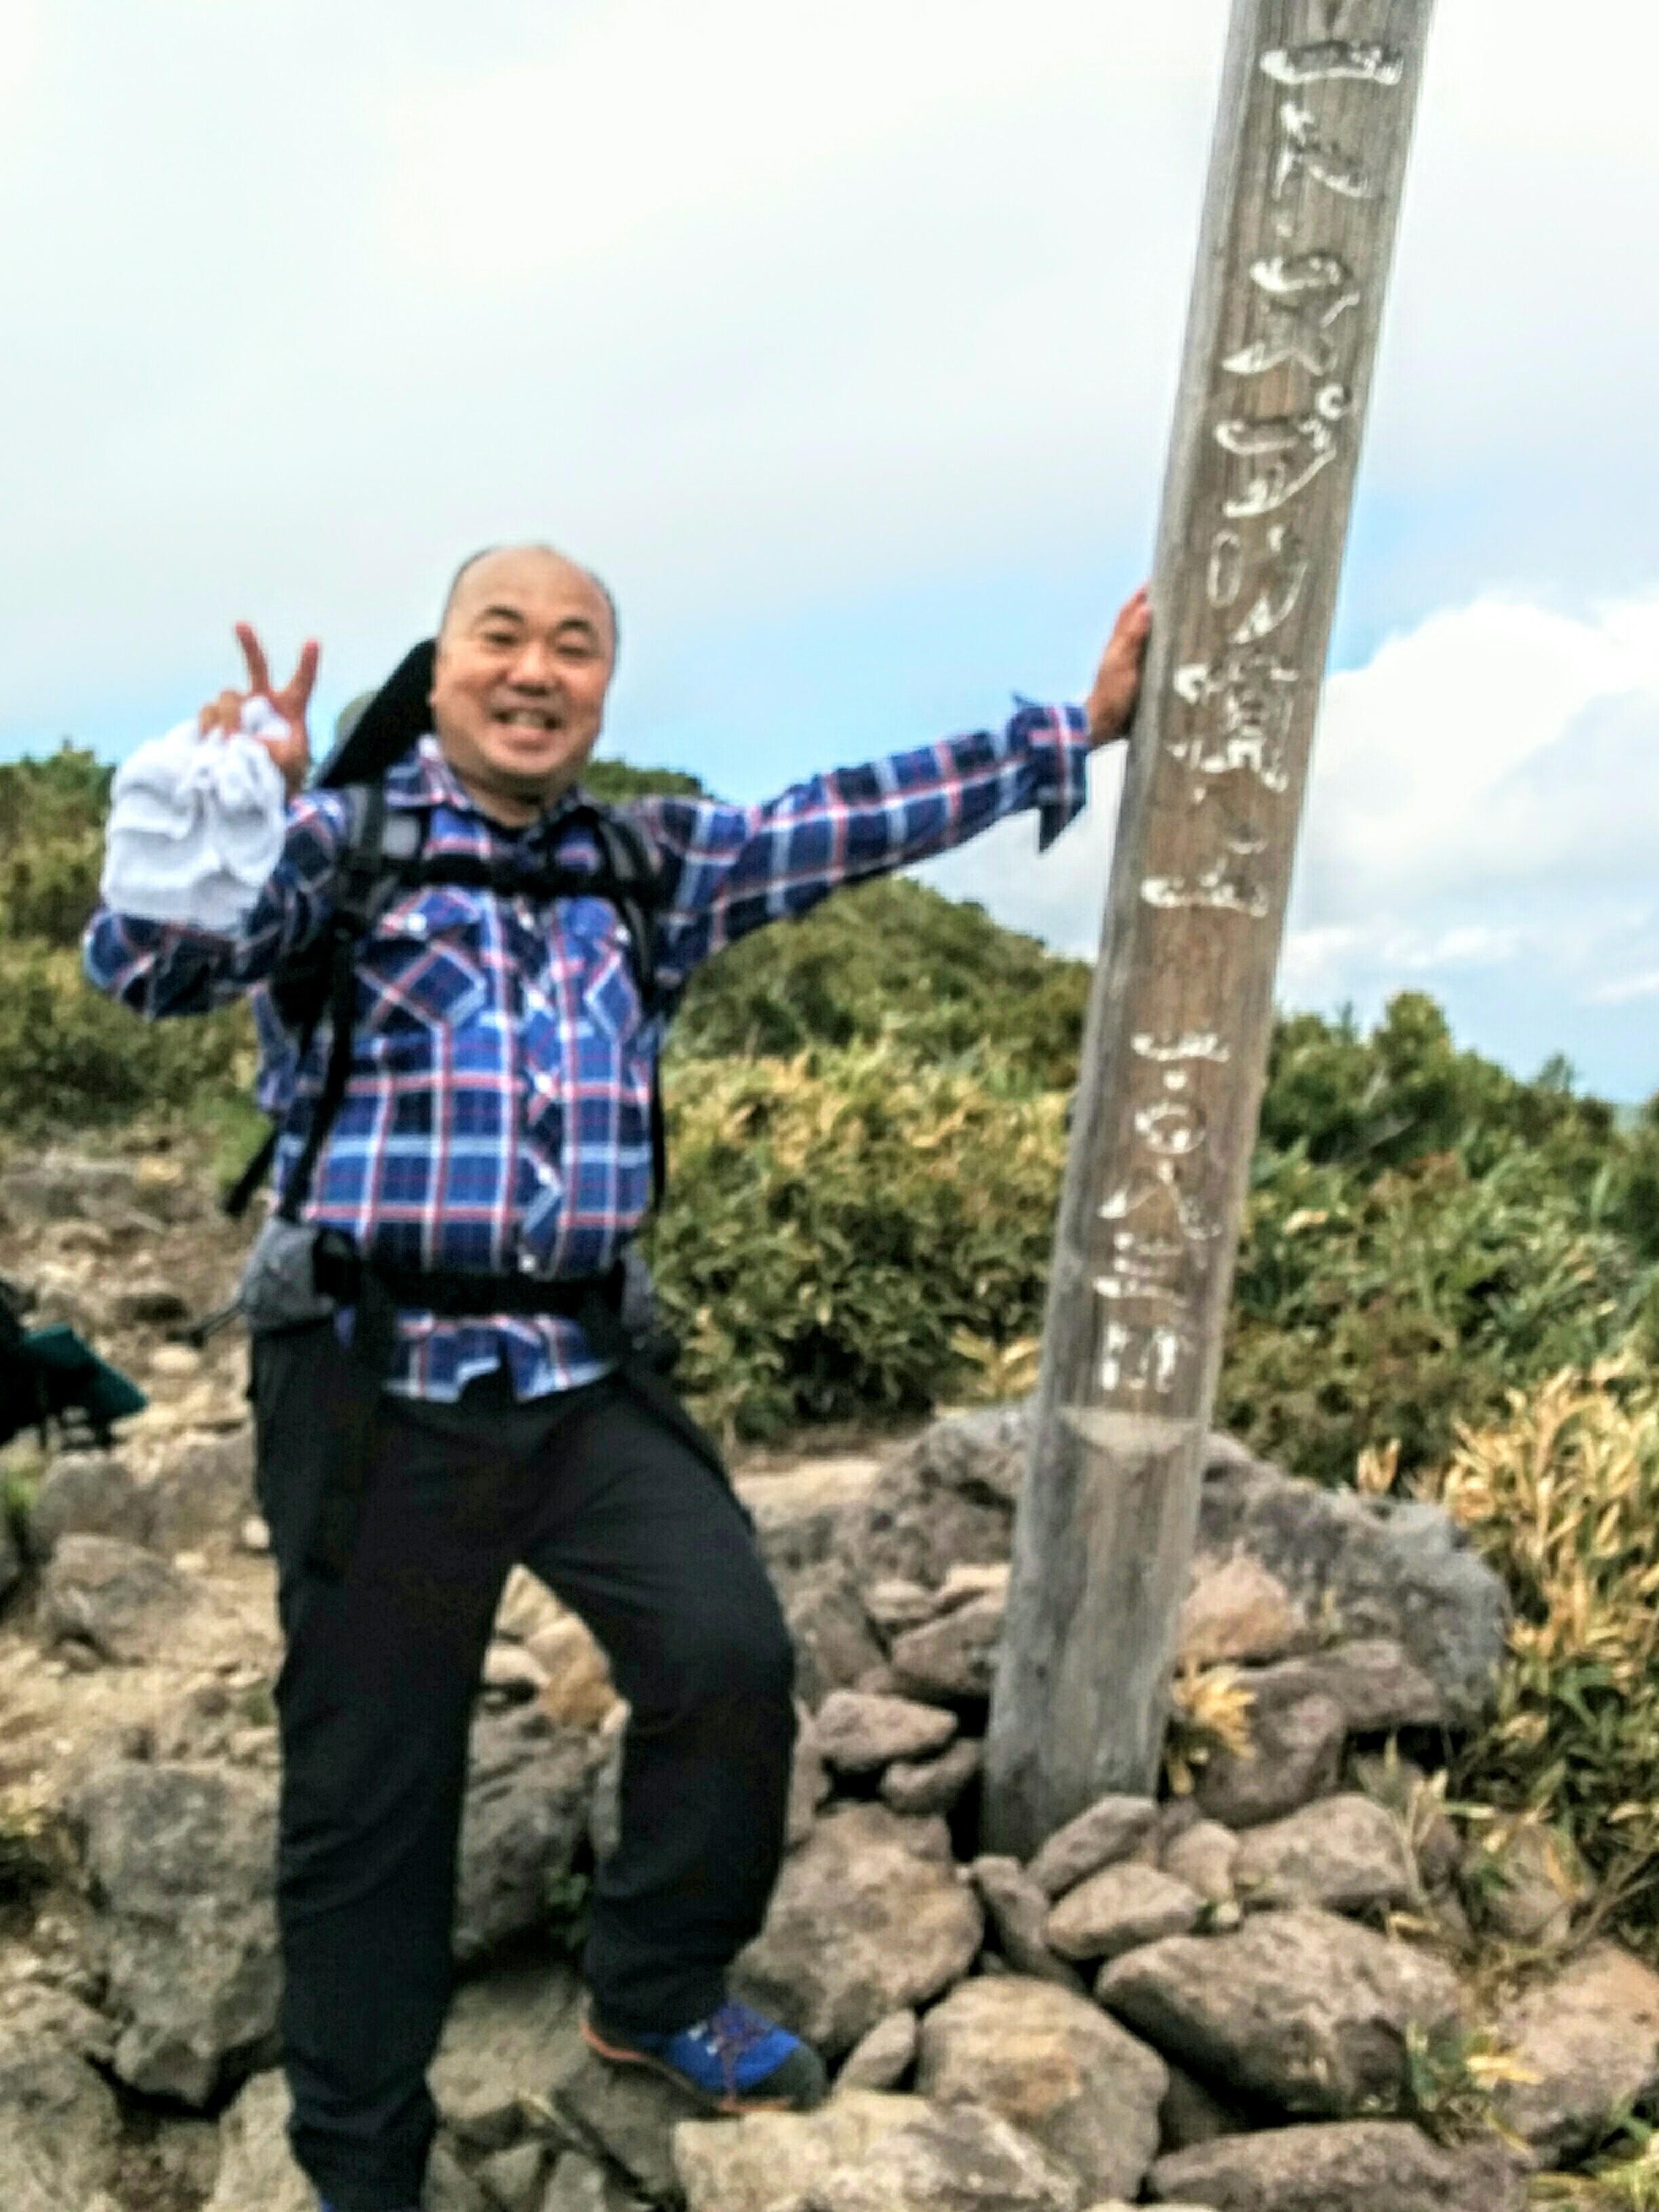 【ニセコ】ニセコニトヌプリ登山へ行って来ました。